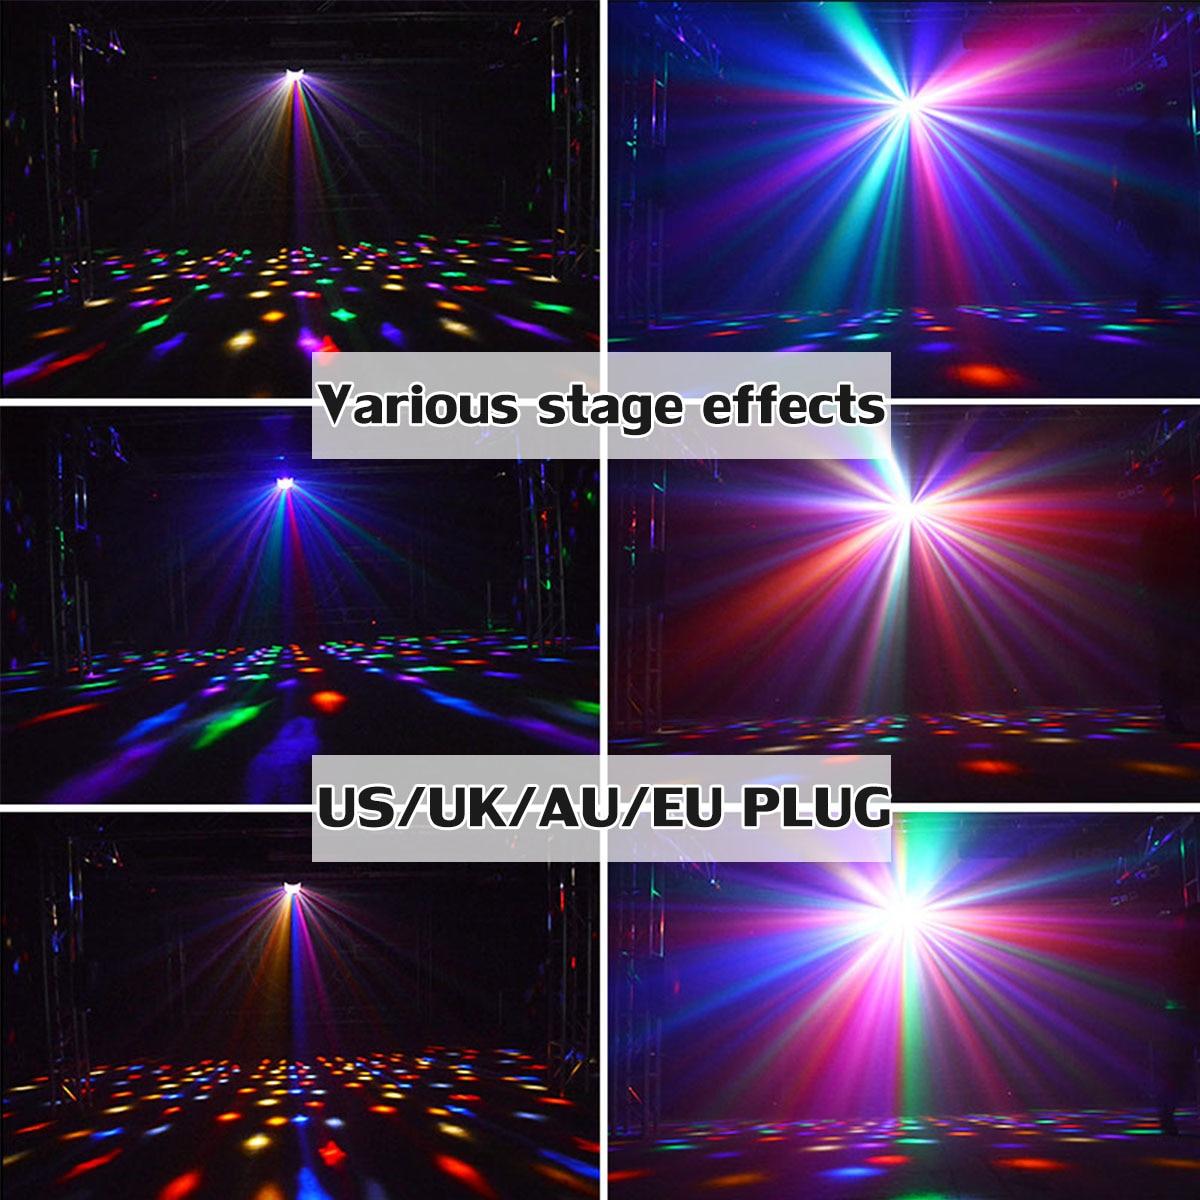 13 W led projecteur laser Disco Lumière Sonore À Distance Controll Lumière RGB DJ Party éclairage de scène Musique Support USB/SD bluetooth sans fil